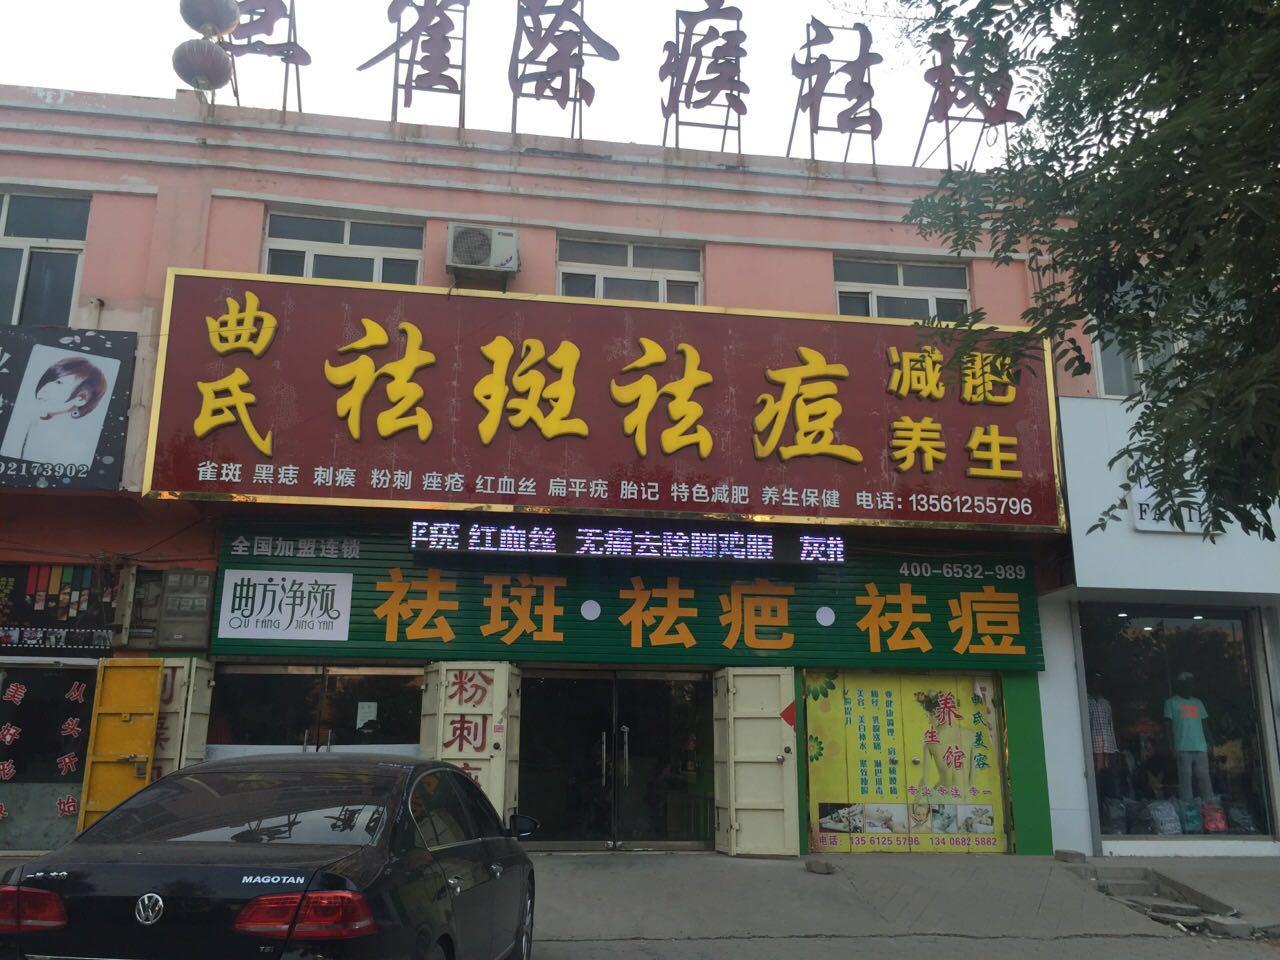 山东冠县闫营店